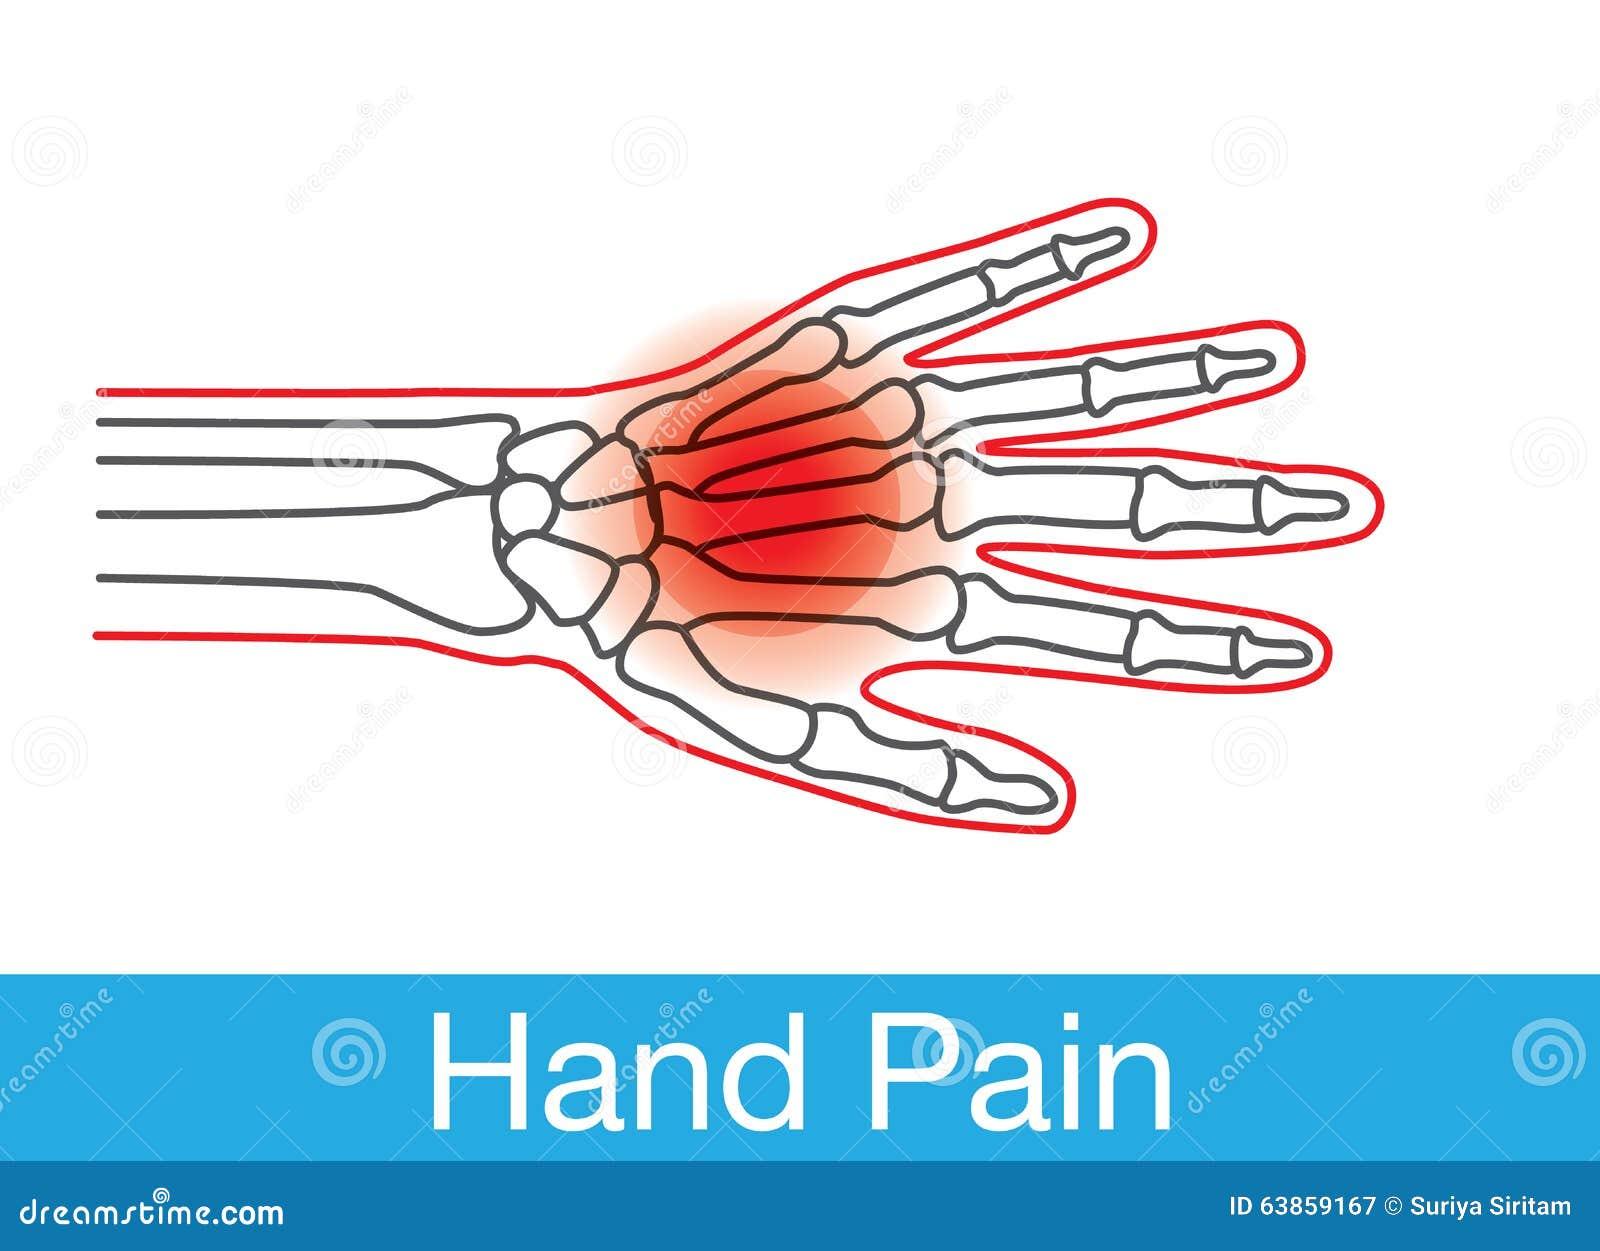 Het Overzicht Van De Handpijn Vector Illustratie - Illustratie ...